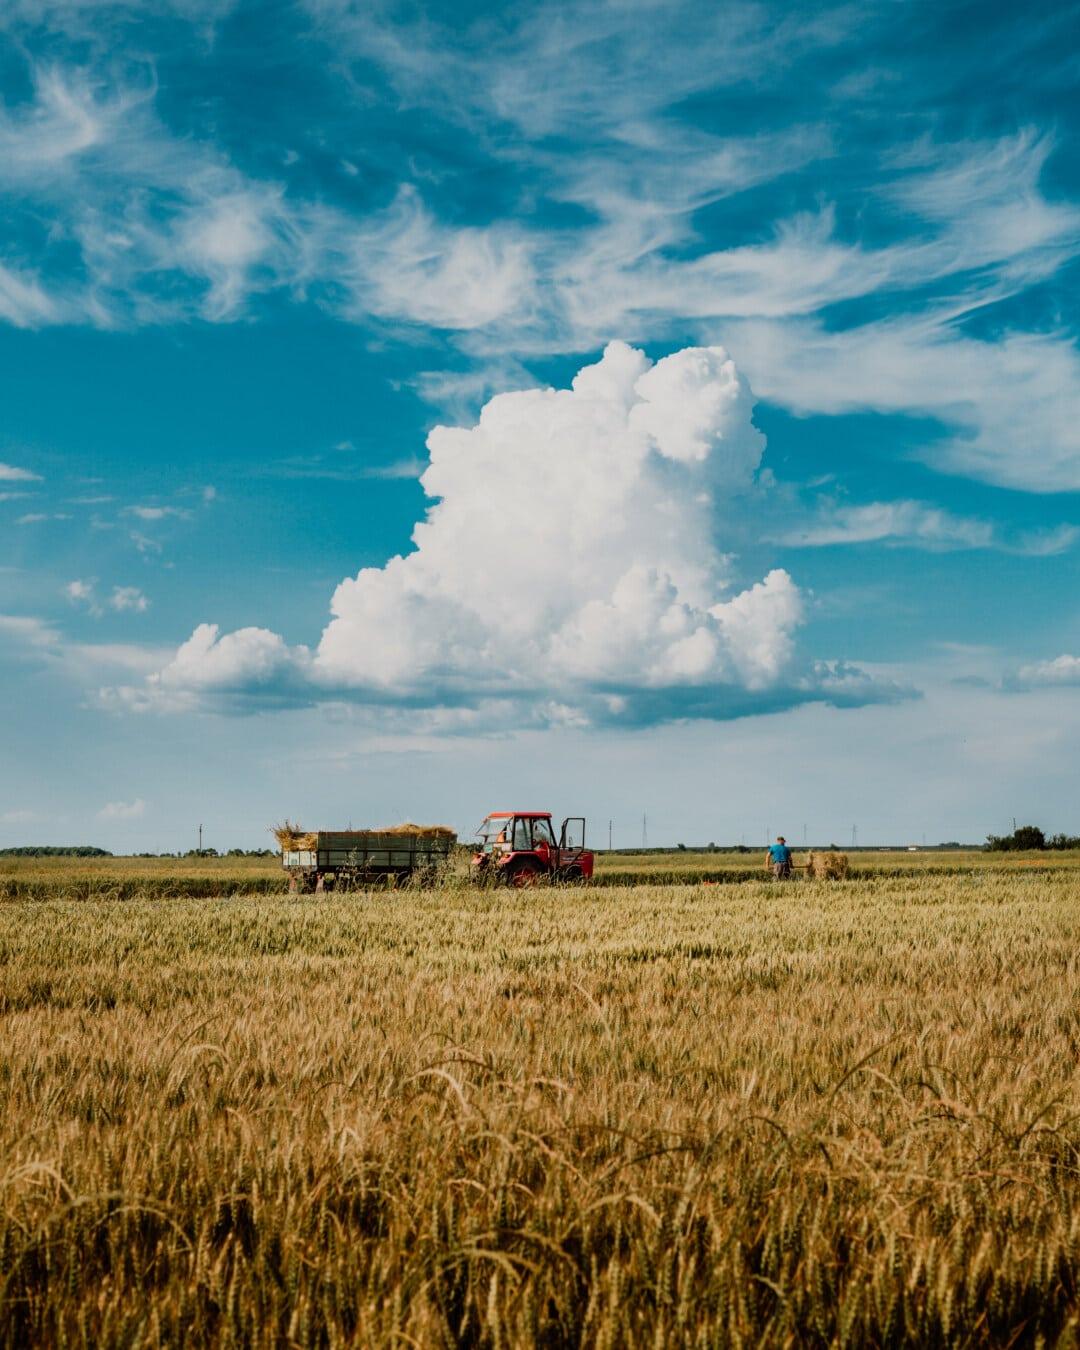 harvest, opilion, botte de foin, champ de foin, Hay, les terres agricoles, Agriculture, agriculteur, domaine, blé